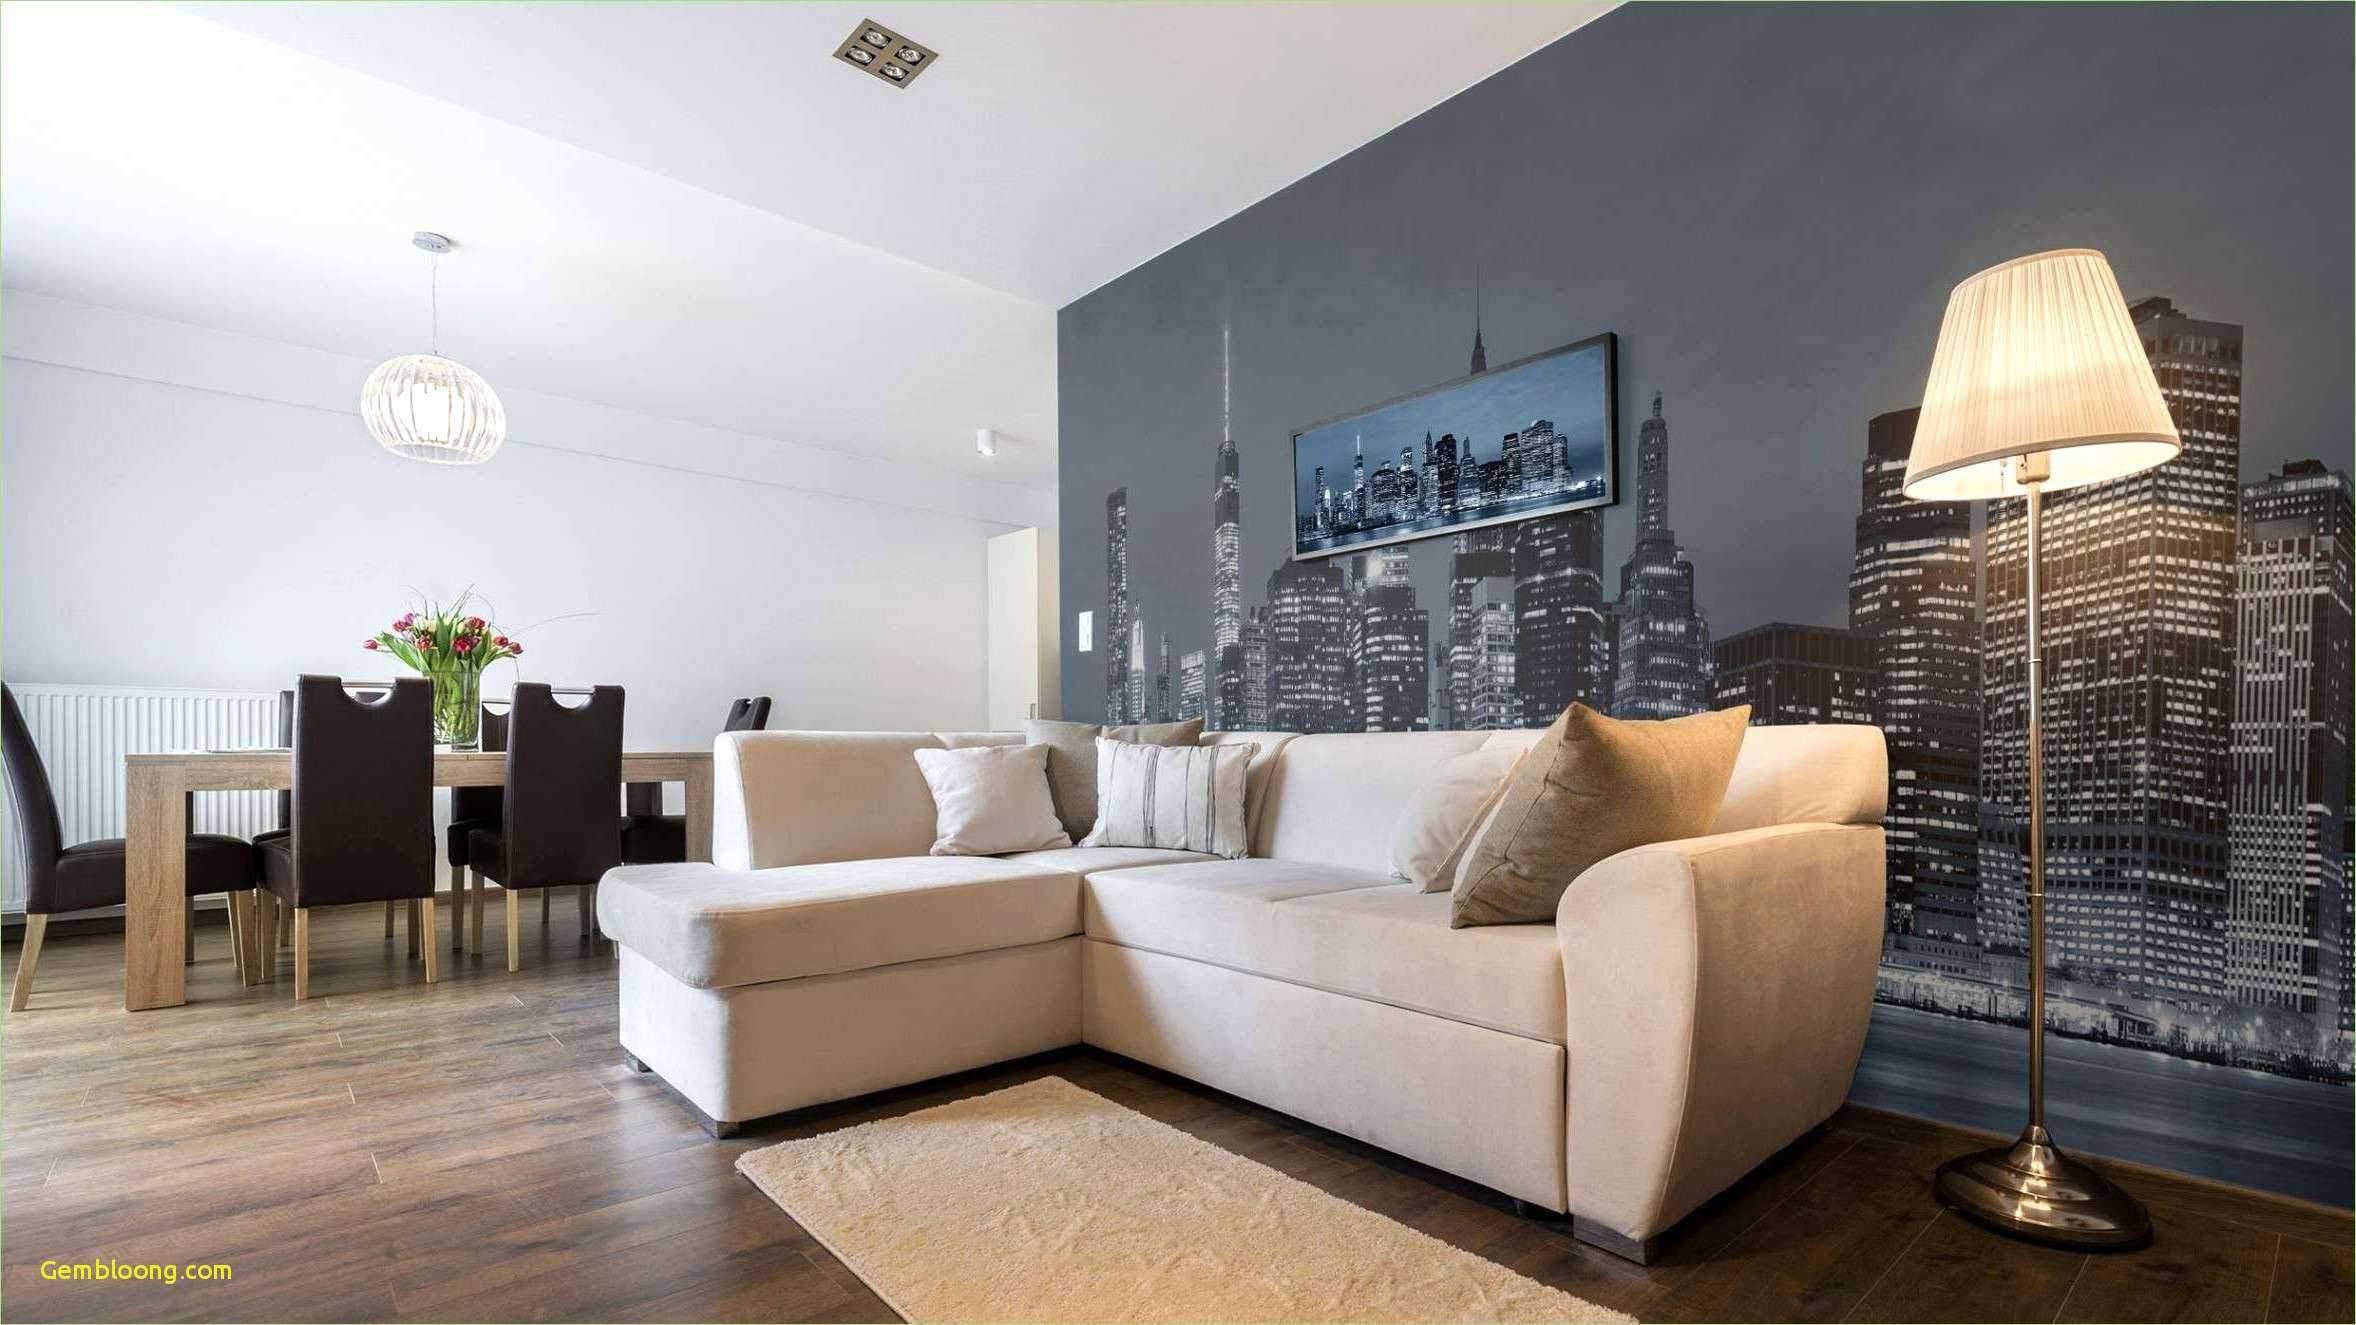 wohnzimmer ideen das beste von 40 oben von von regal an der wand konzept of wohnzimmer ideen